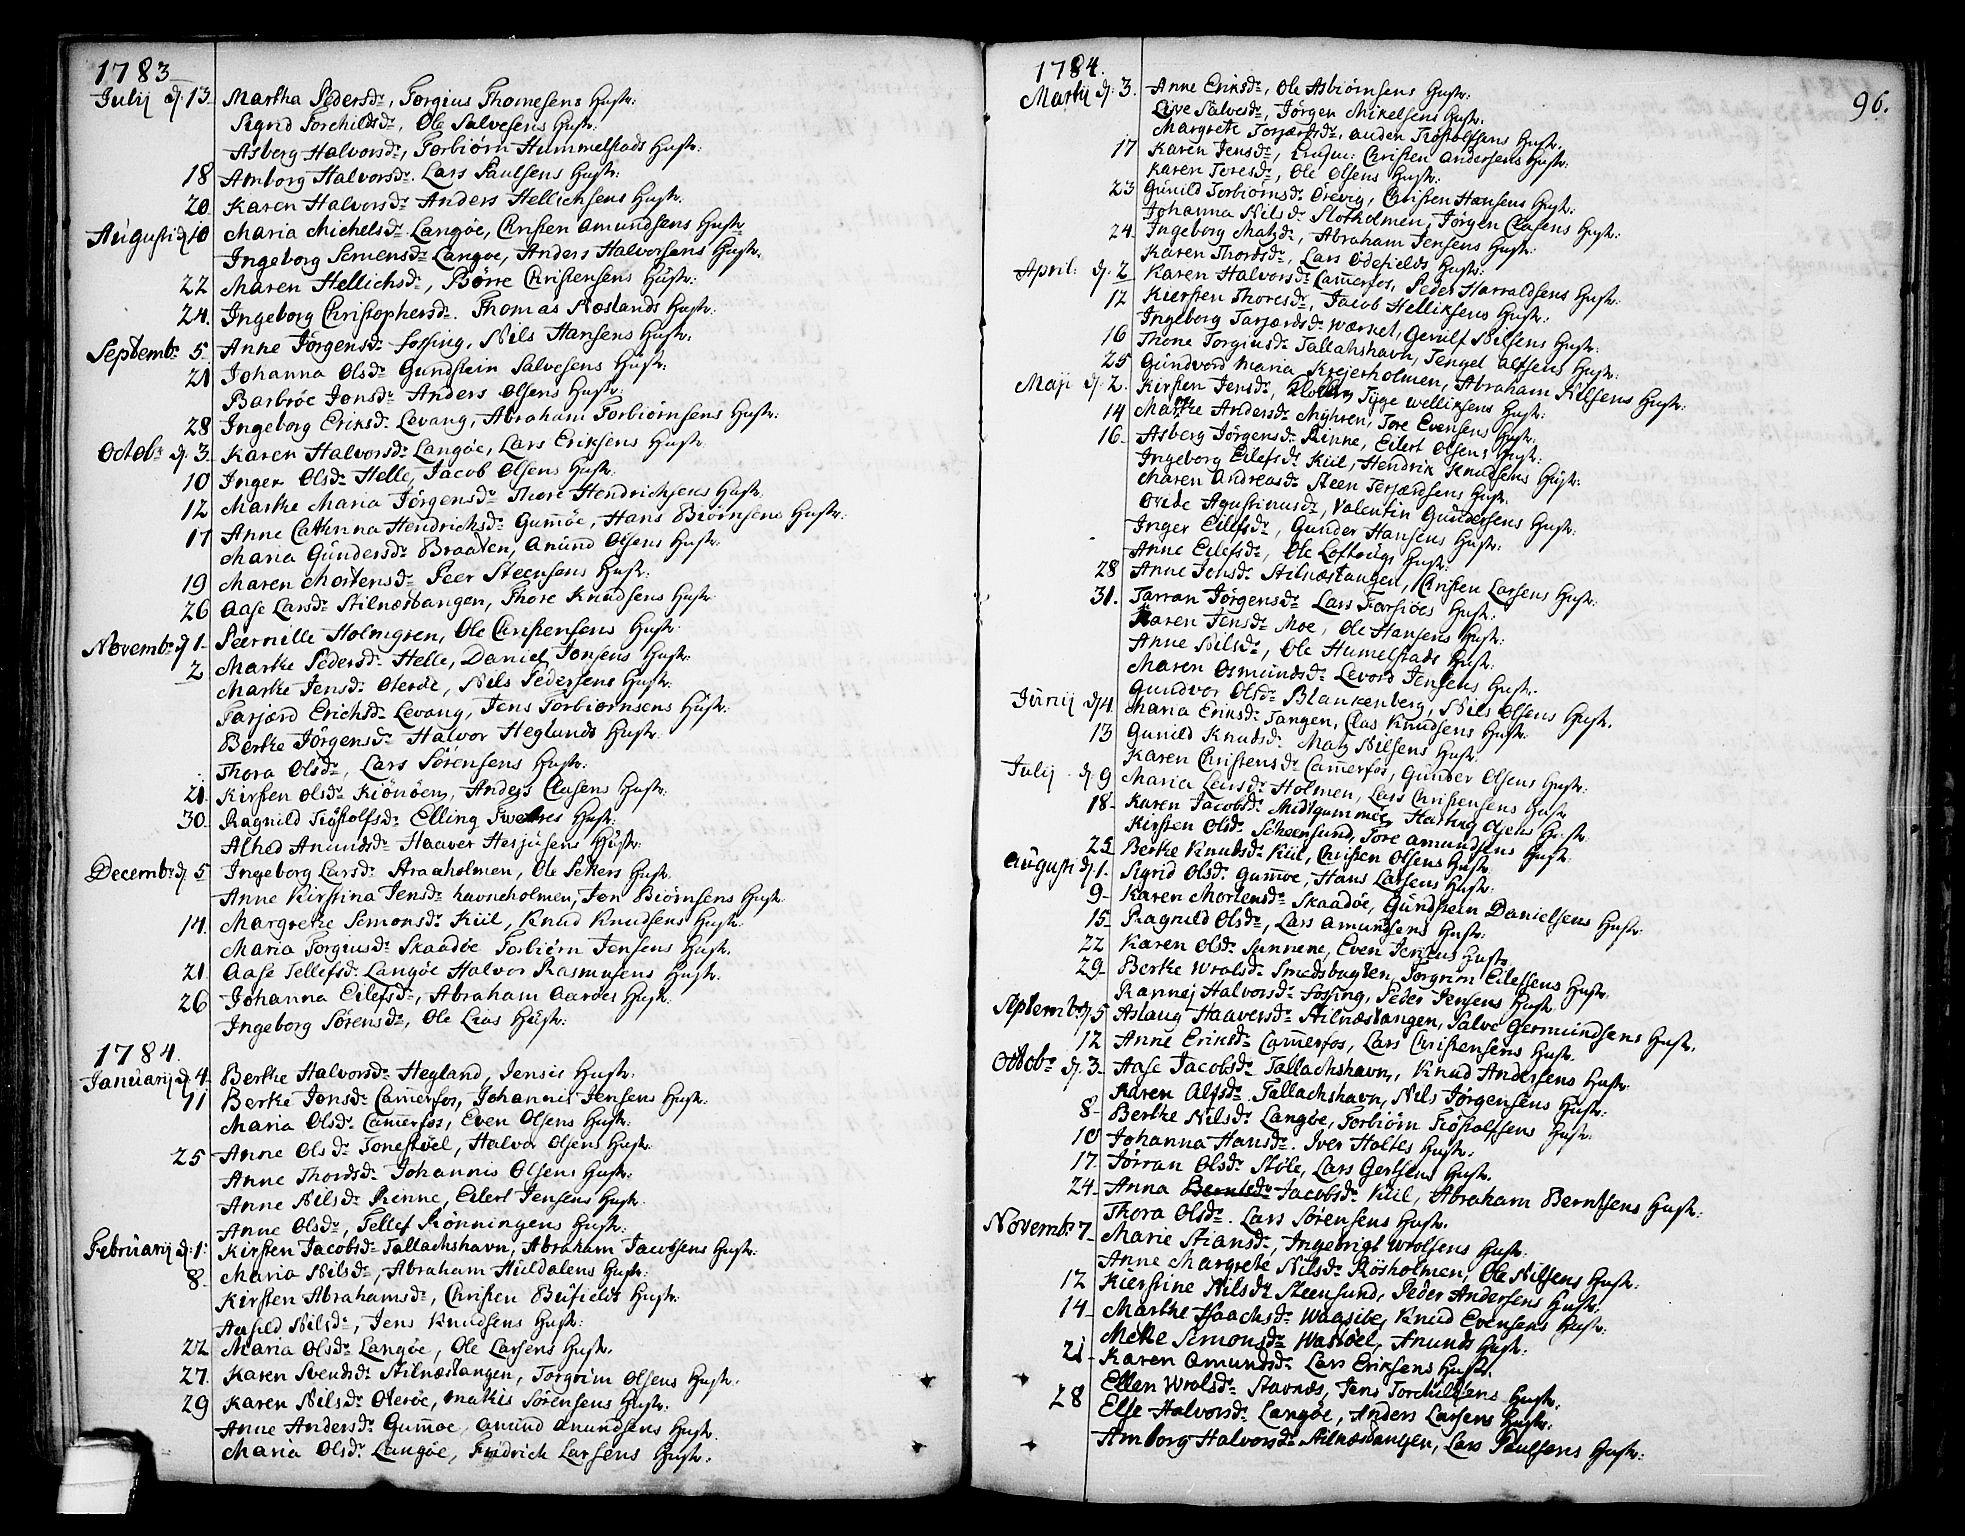 SAKO, Sannidal kirkebøker, F/Fa/L0002: Ministerialbok nr. 2, 1767-1802, s. 96